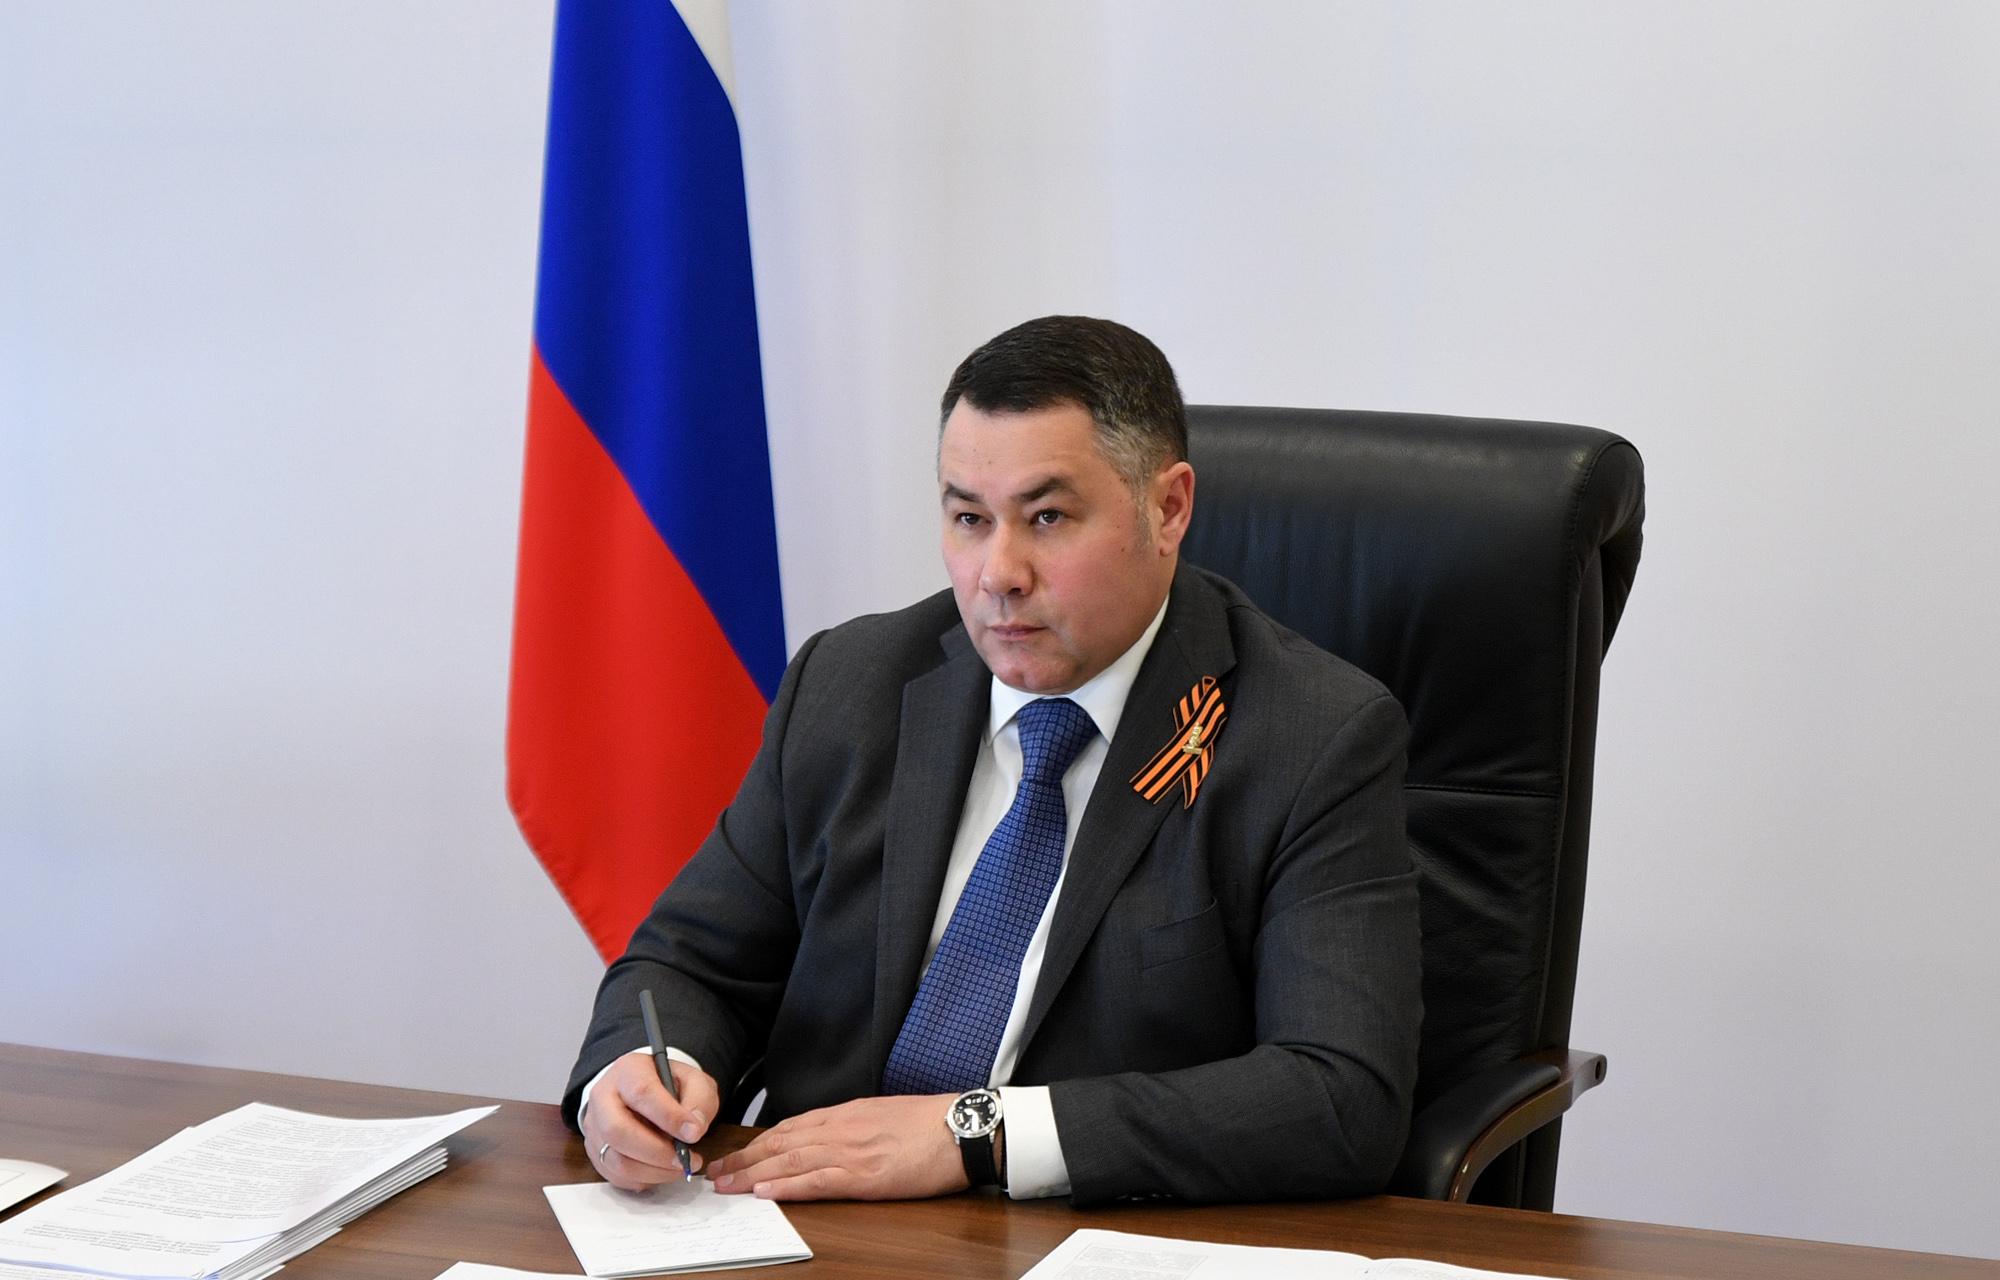 Игорь Руденя принял участие в совещании Президента Владимира Путина